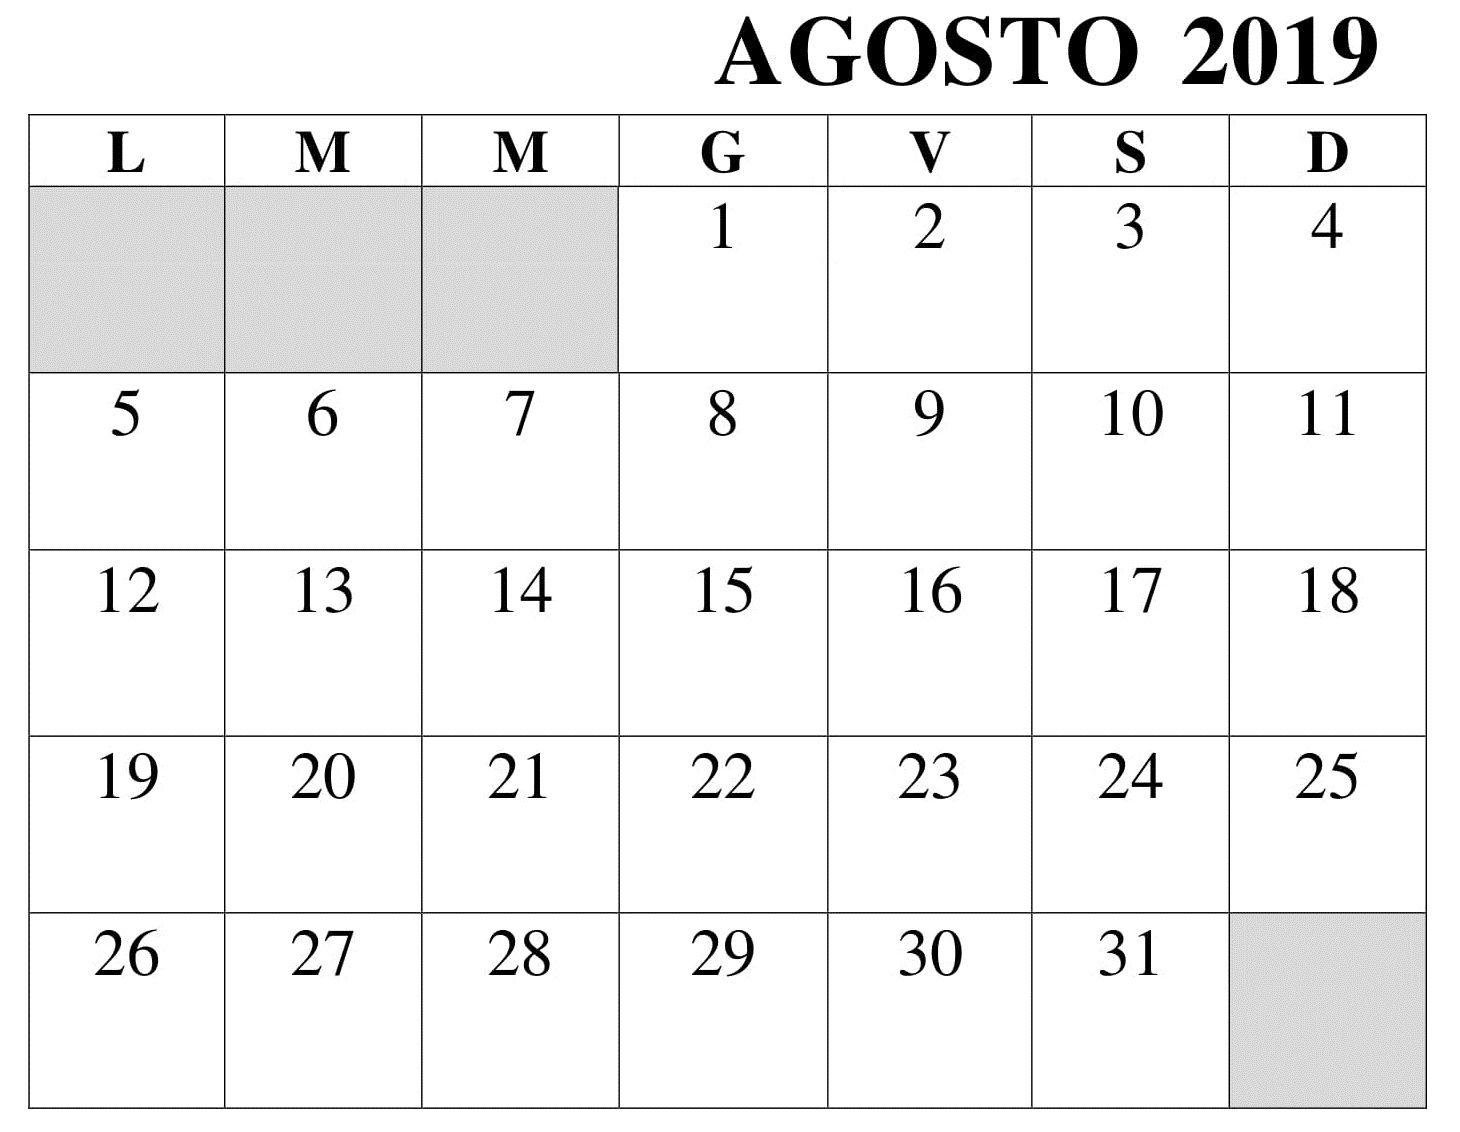 Agosto Calendario.Agosto Calendario Mensile 2019 Pdf Agosto Calendario 2019